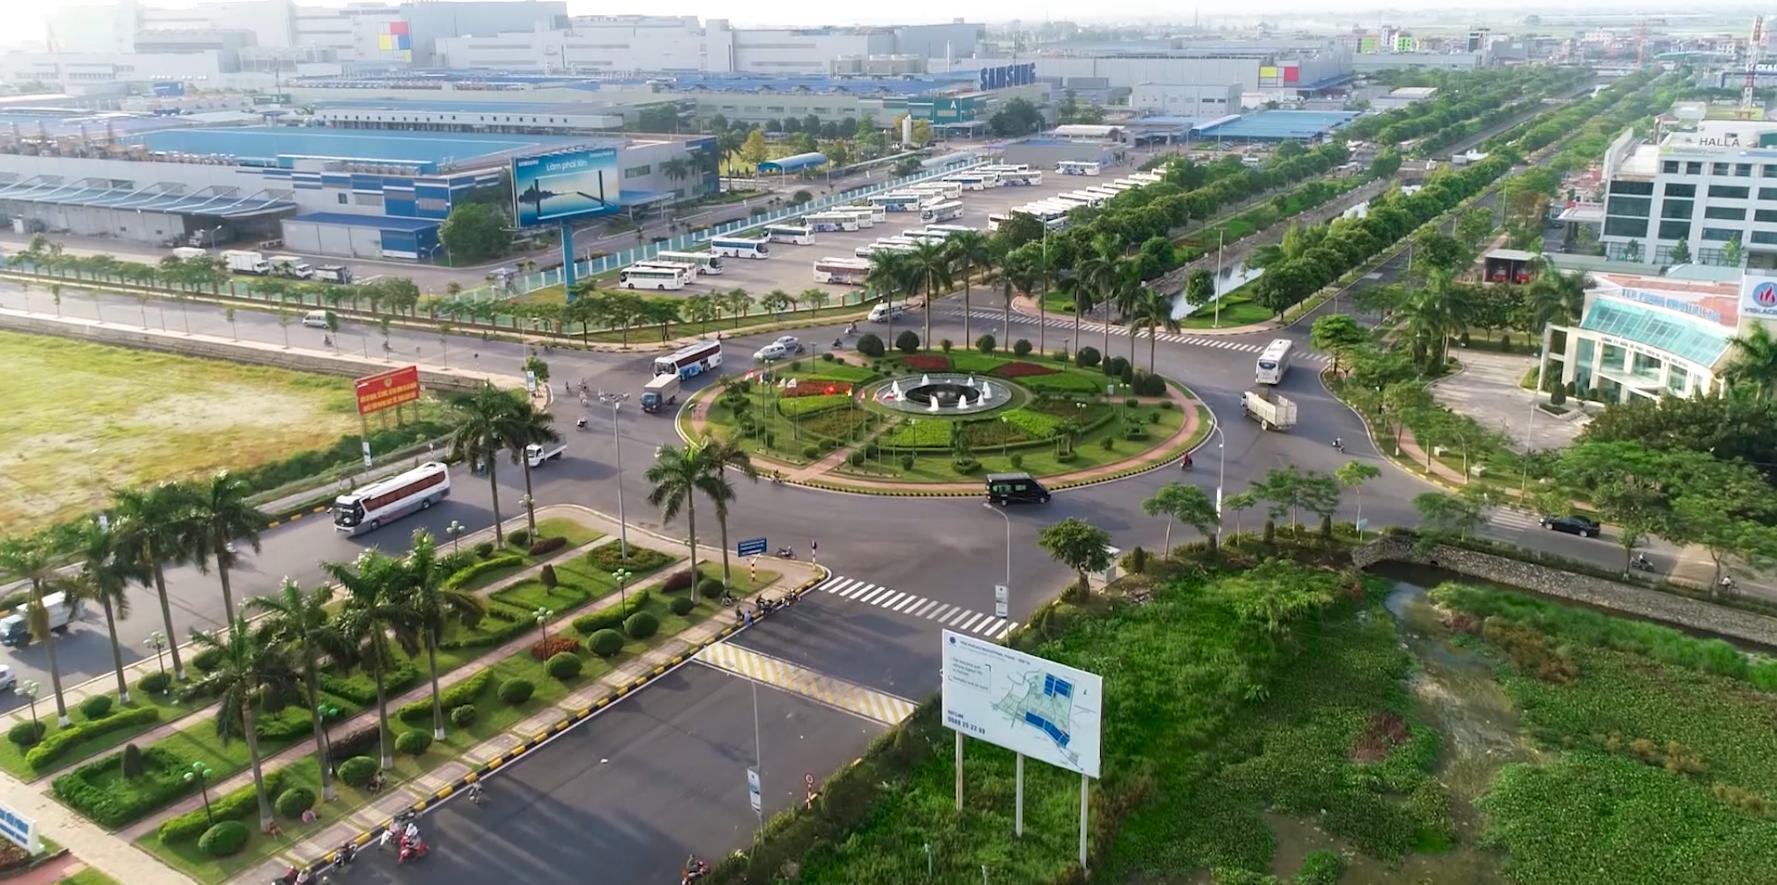 Quy mô kinh tế Bắc Ninh tăng gấp 1,7 lần năm 2014